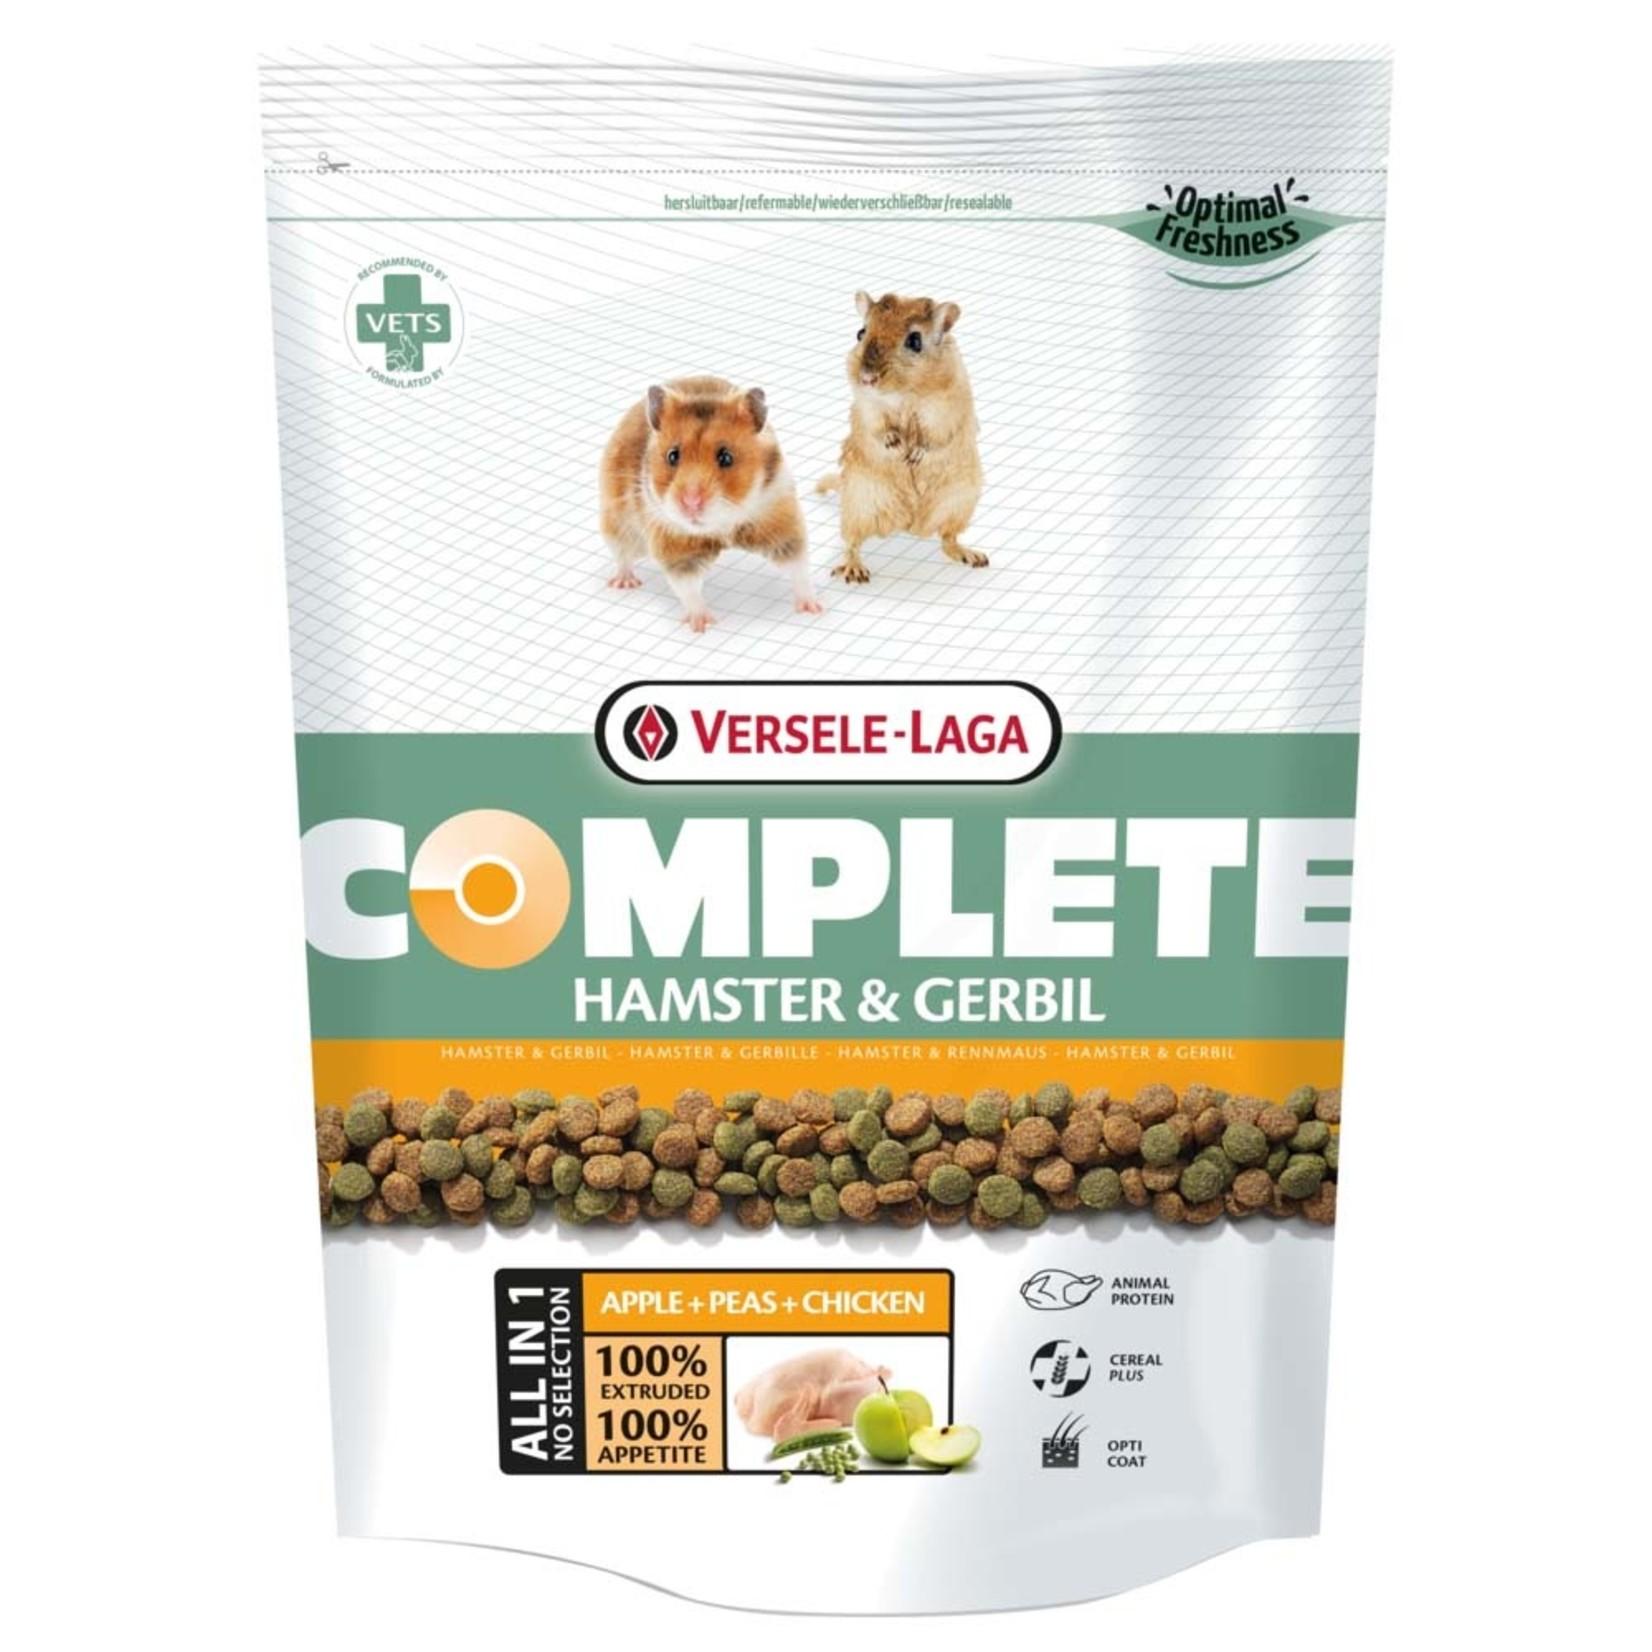 Versele-Laga Complete Hamster & Gerbil Pellets 2kg